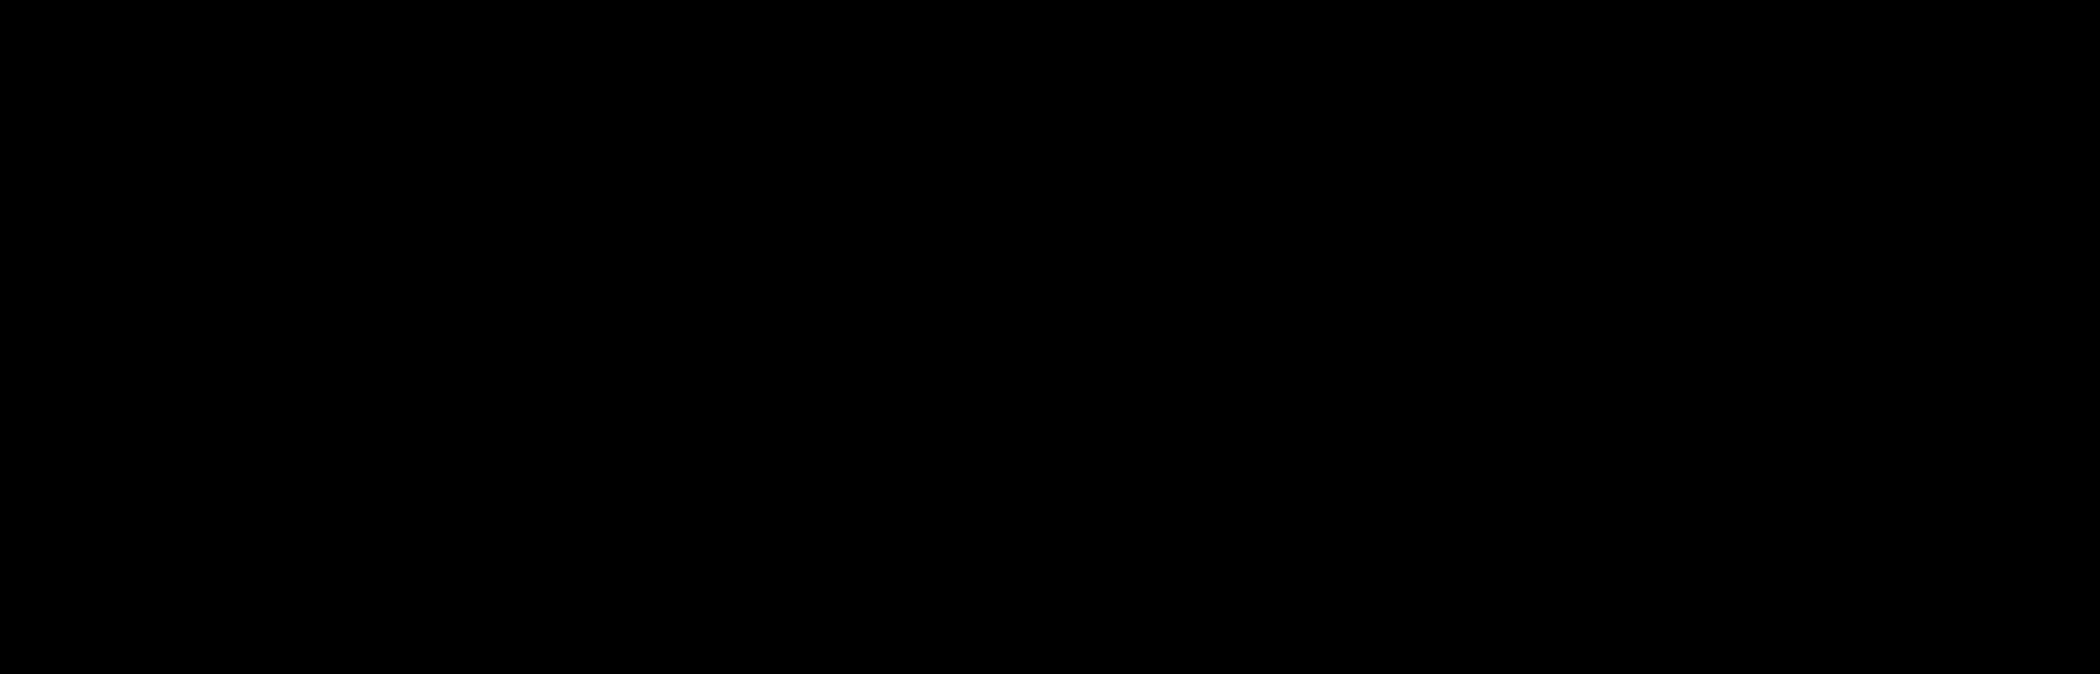 seiko logo 2 - Seiko Logo